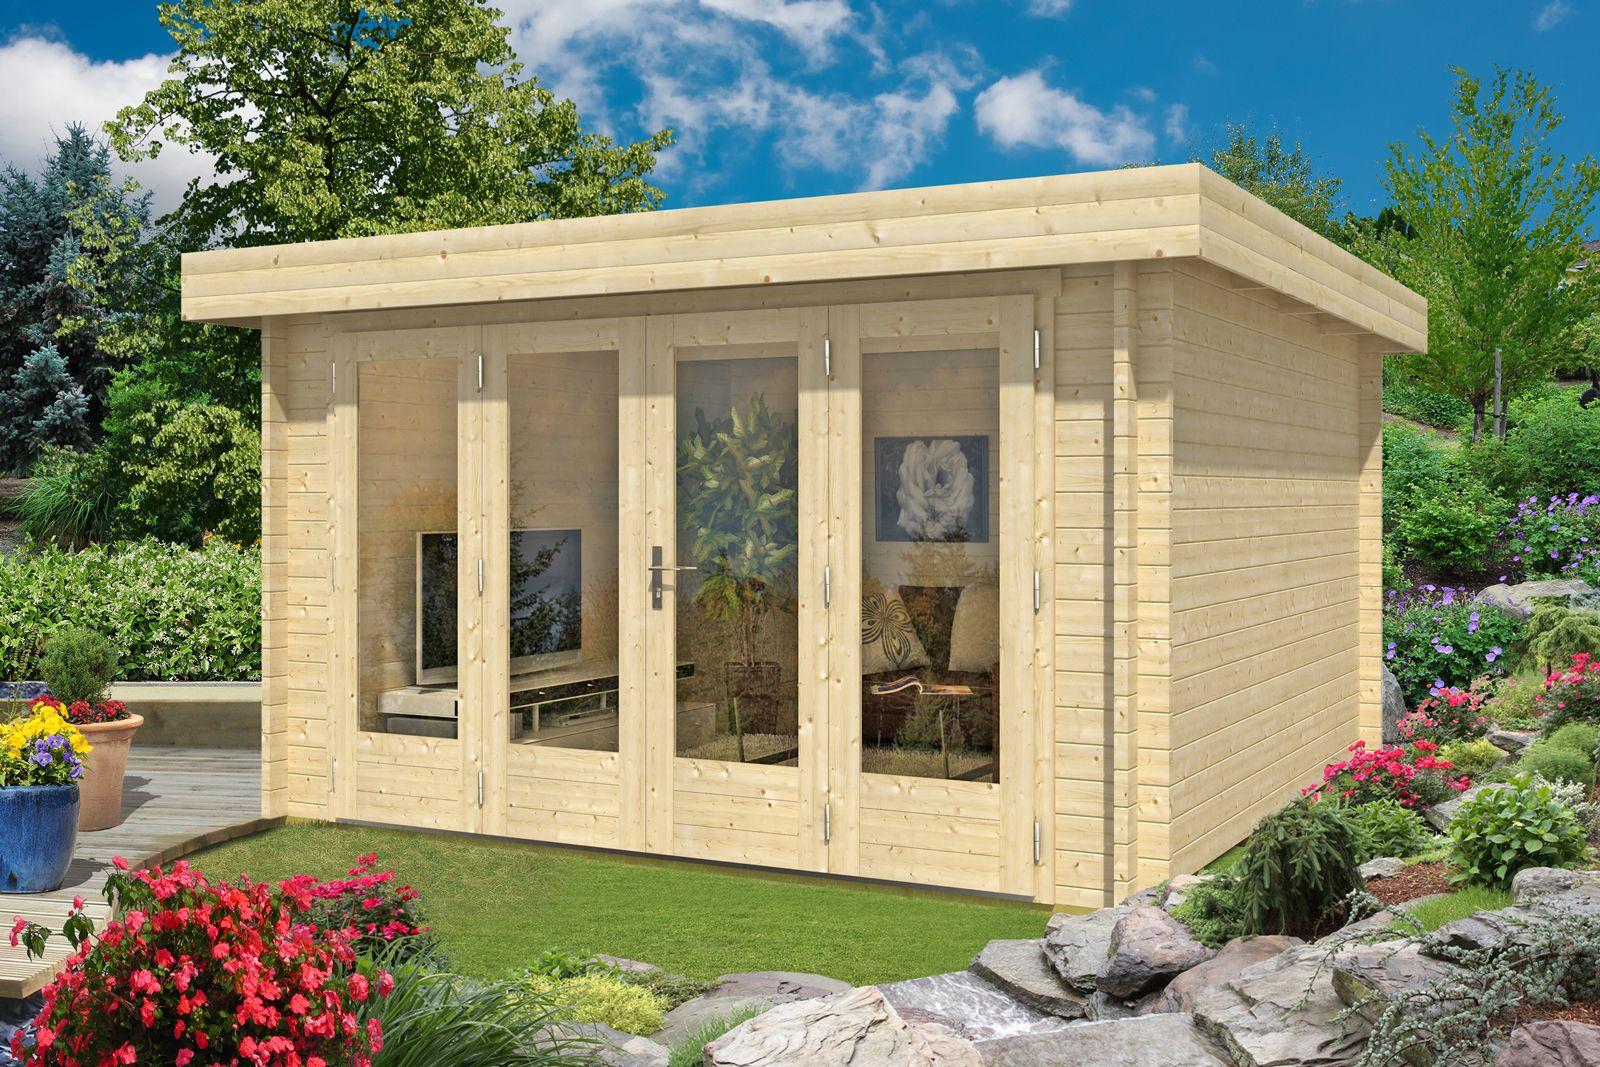 Gartenhaus Java 44 B Iso Mit Grosser Falttur Gartenhaus Haus Haus Und Garten